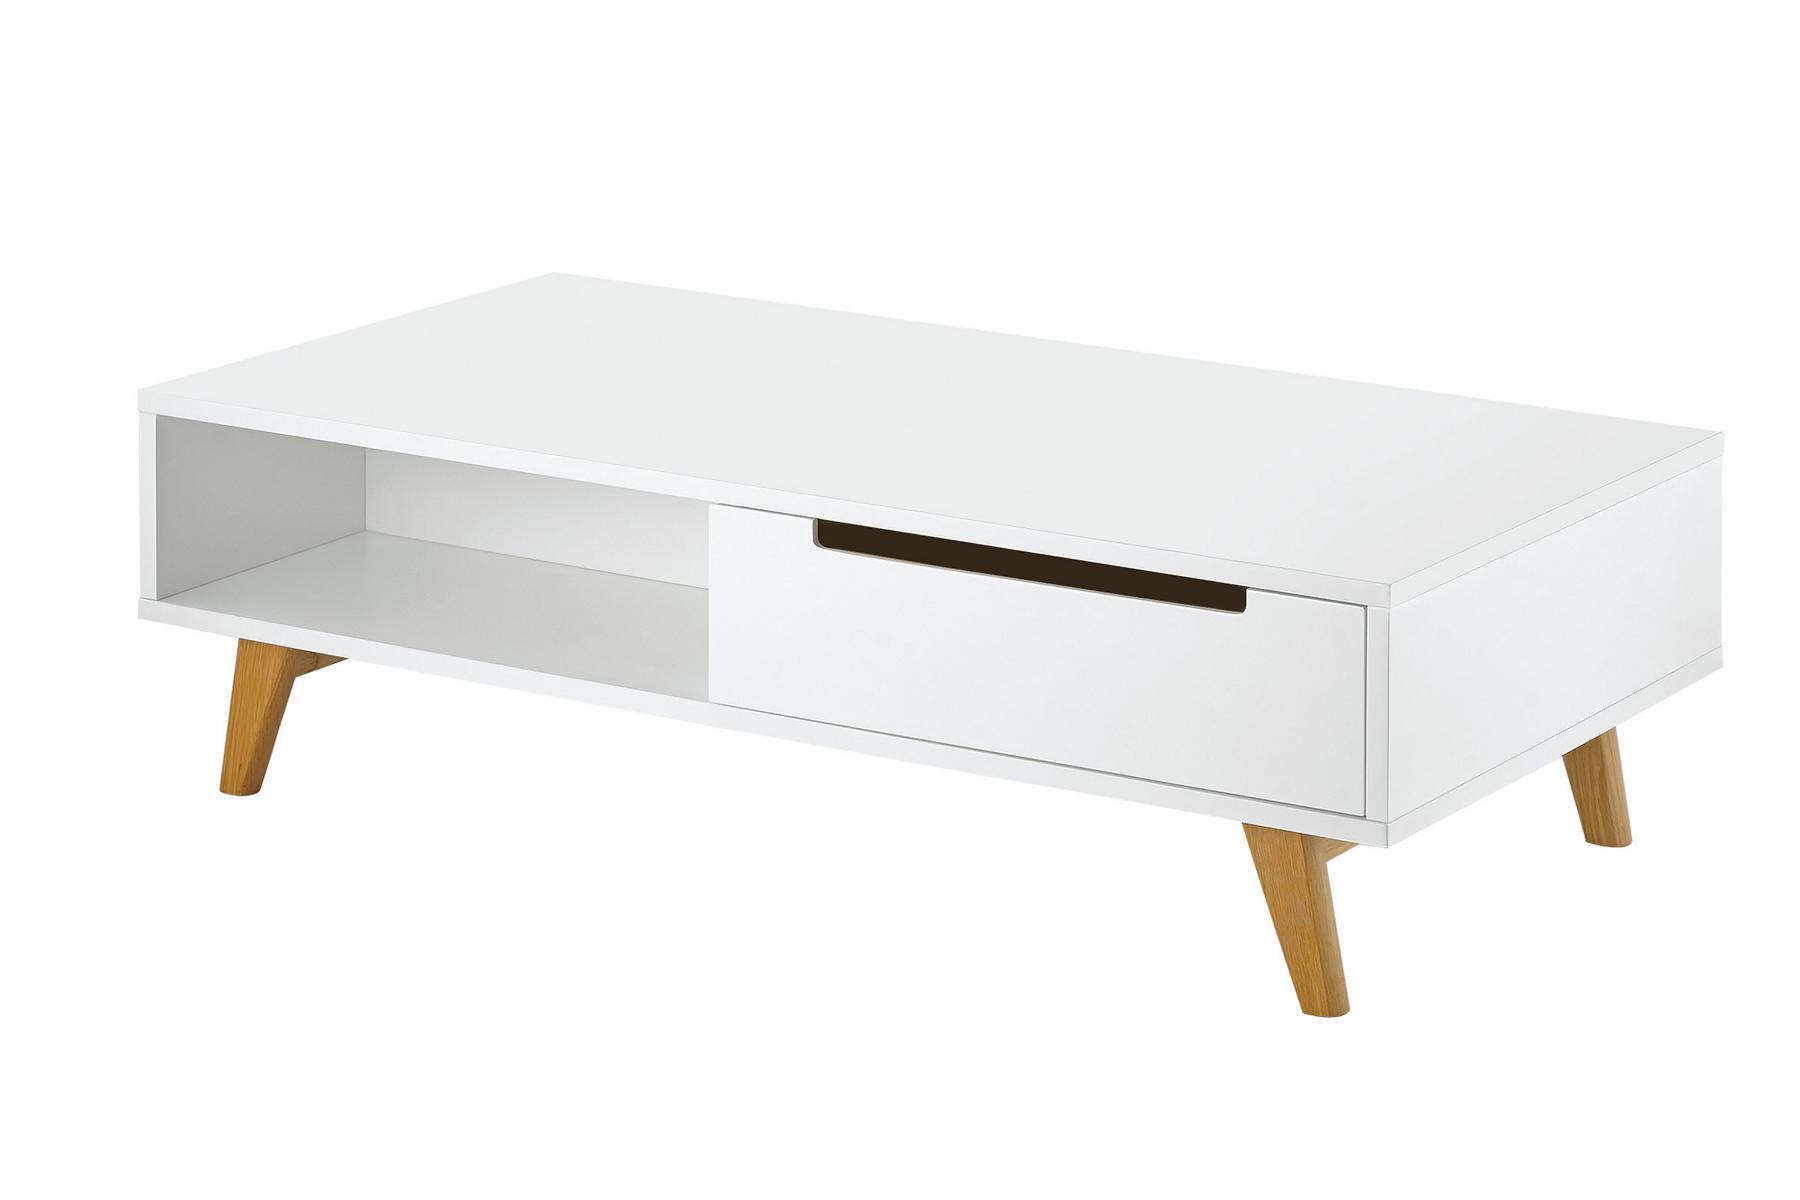 Couchtisch LINSELL, Weiß Matt Füße Aus Eichenholz, Designmöbel  Skandinavisches ,mid Century Design | CAGUSTO   MY HOME. MY STYLE.